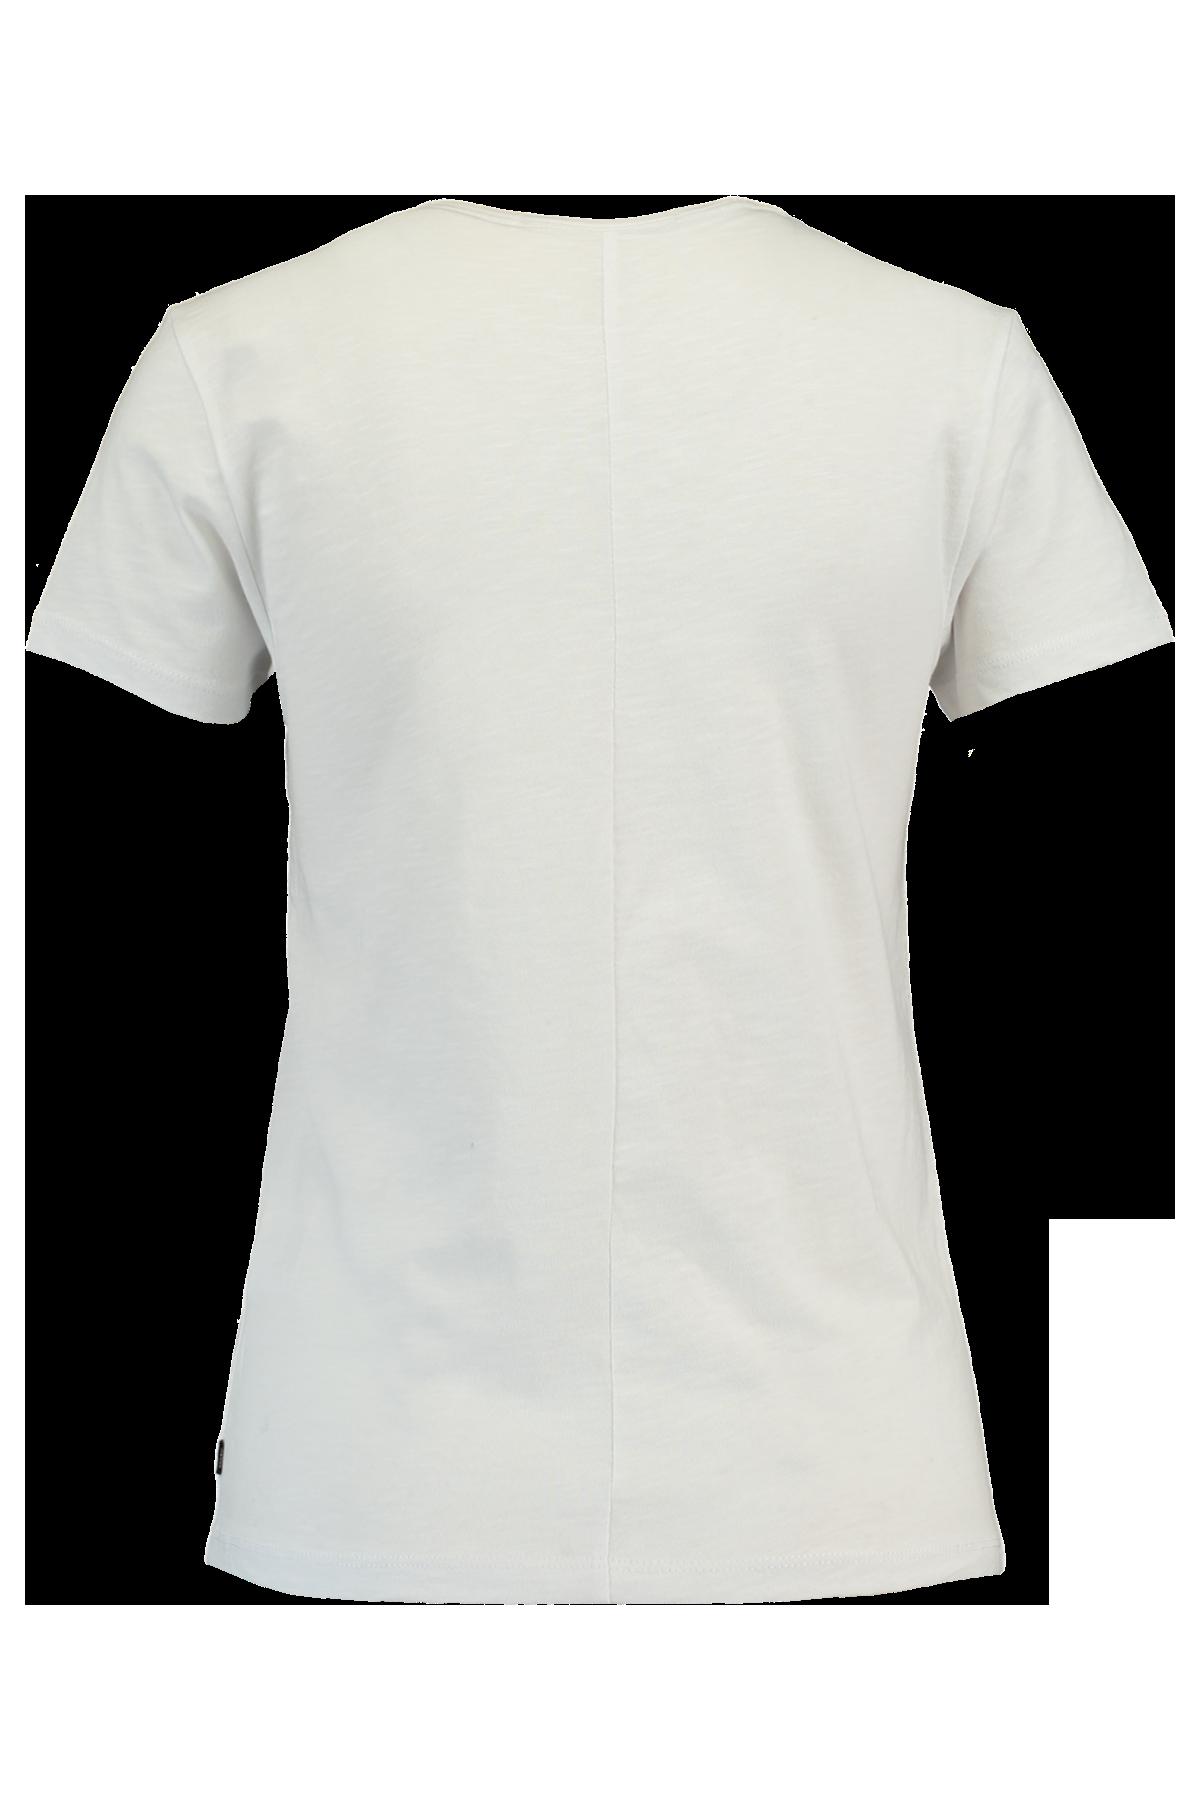 T-shirt Evelin